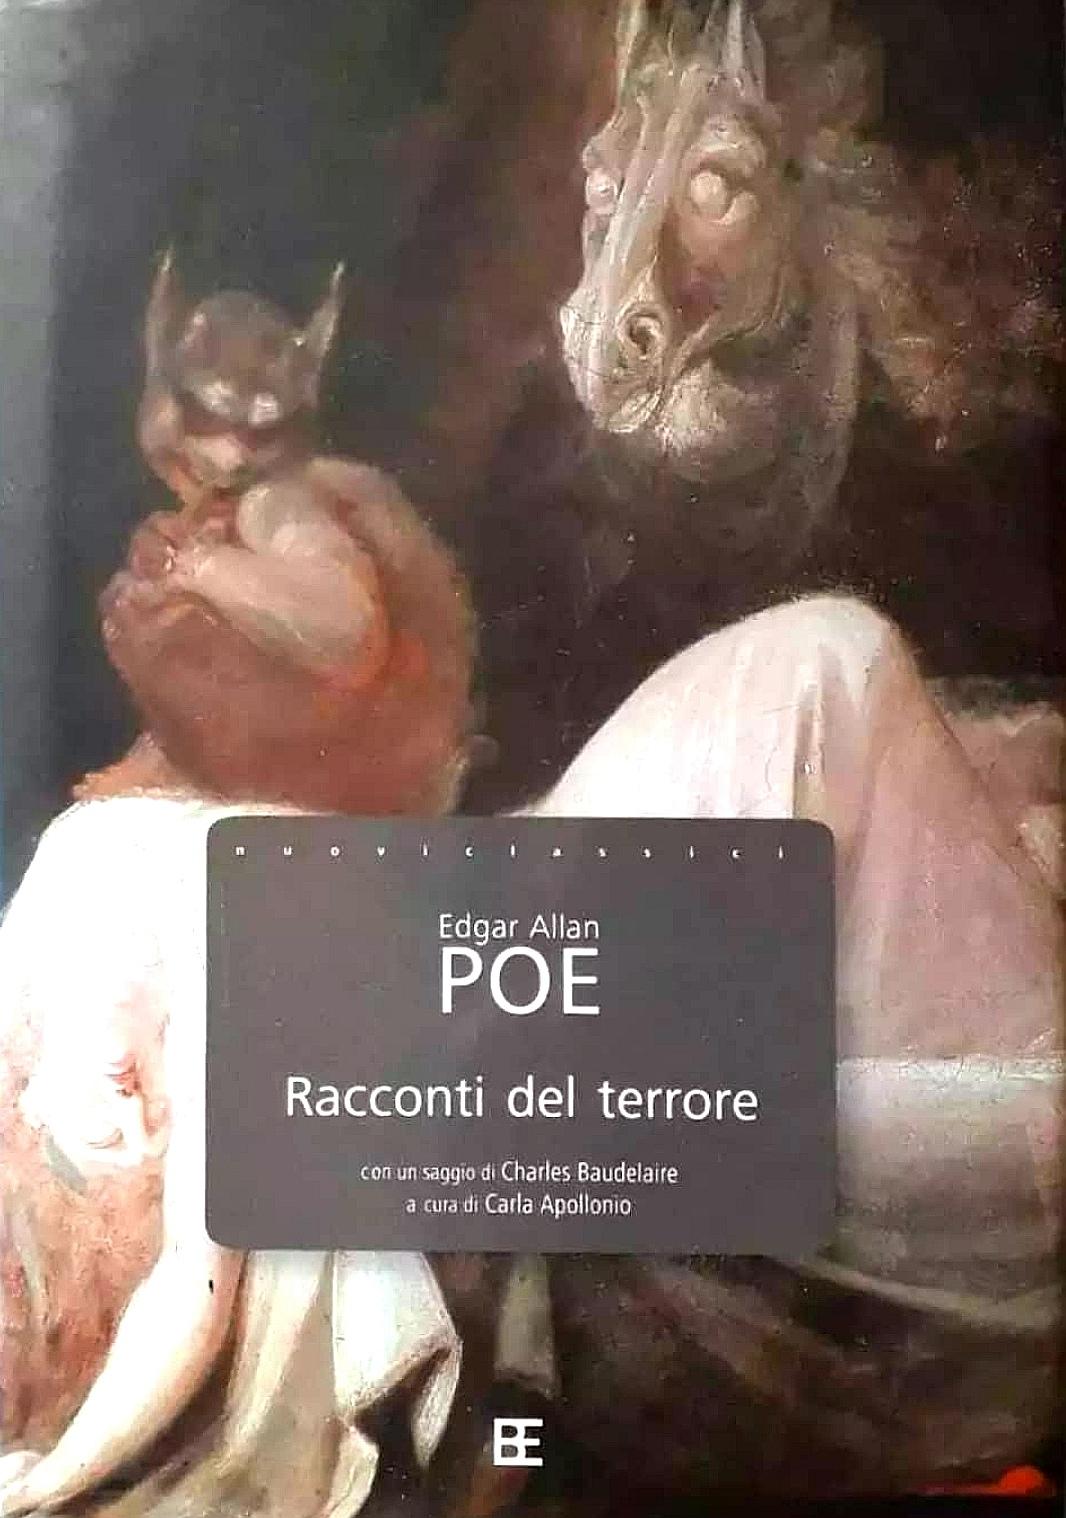 Image of Racconti del terrore